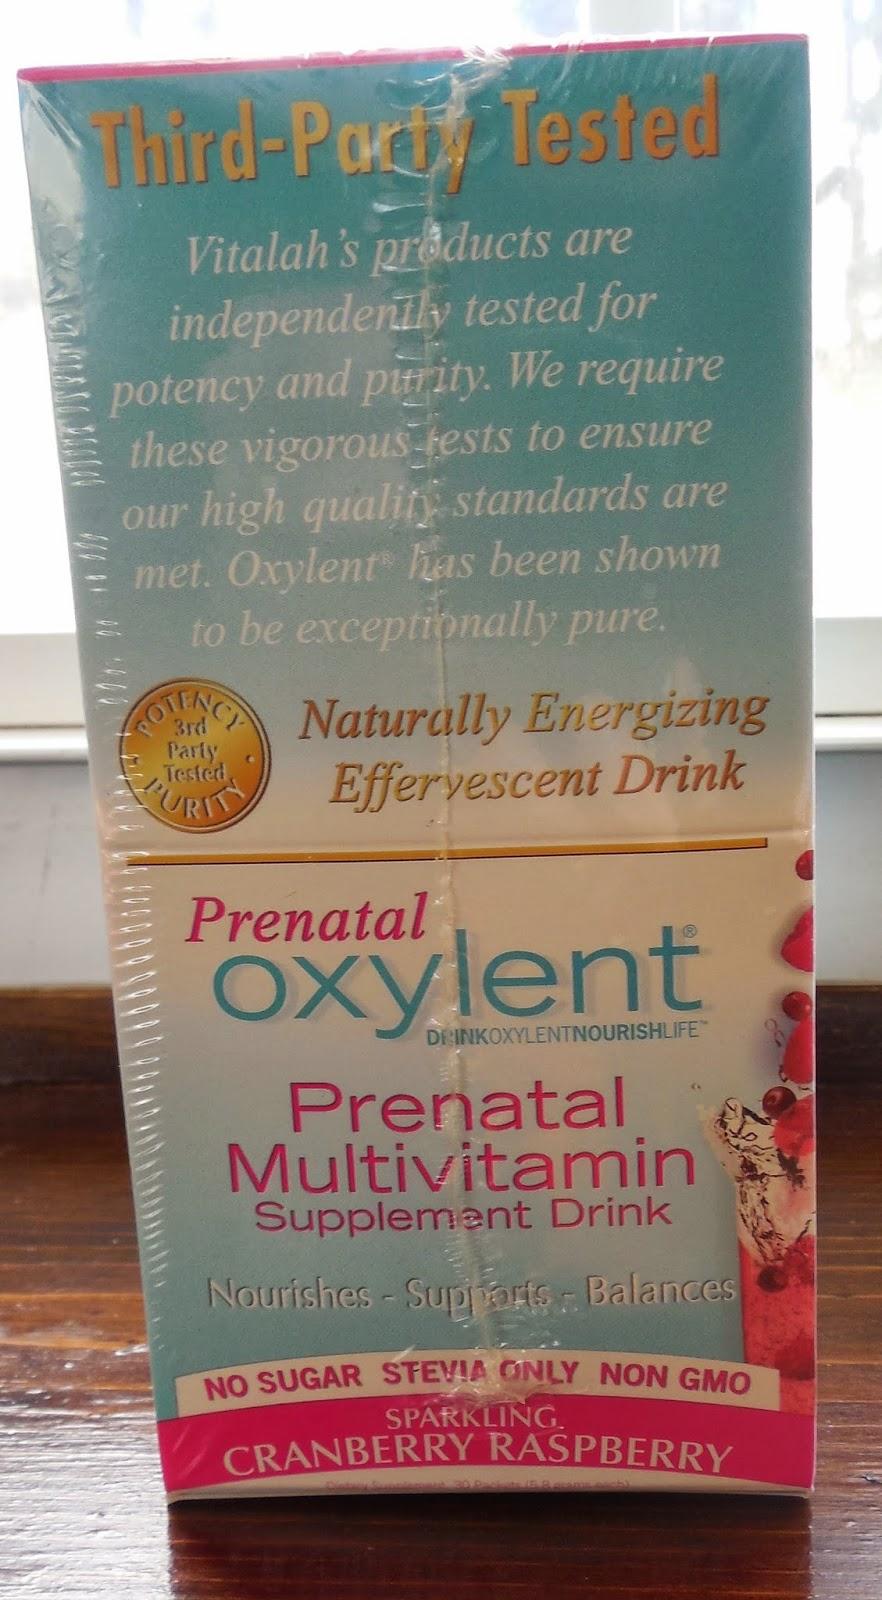 Prenatal Oxylent